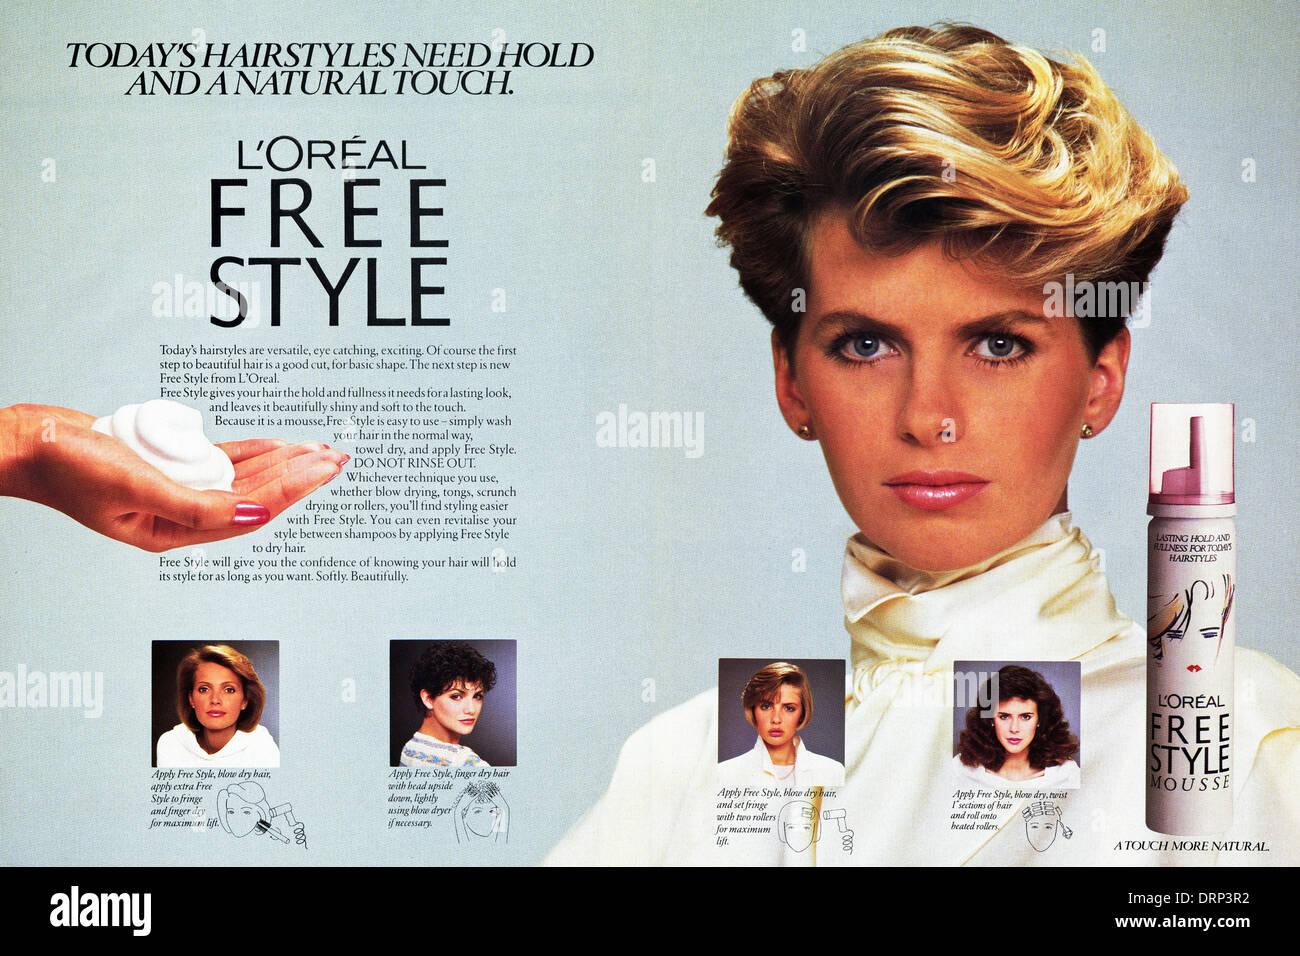 1980er Jahre Mode Magazin Doppelseite Werbung Werbung l ' Oreal FREE STYLE MOUSSE für die Haare, Anzeige ca. 1983 Stockbild